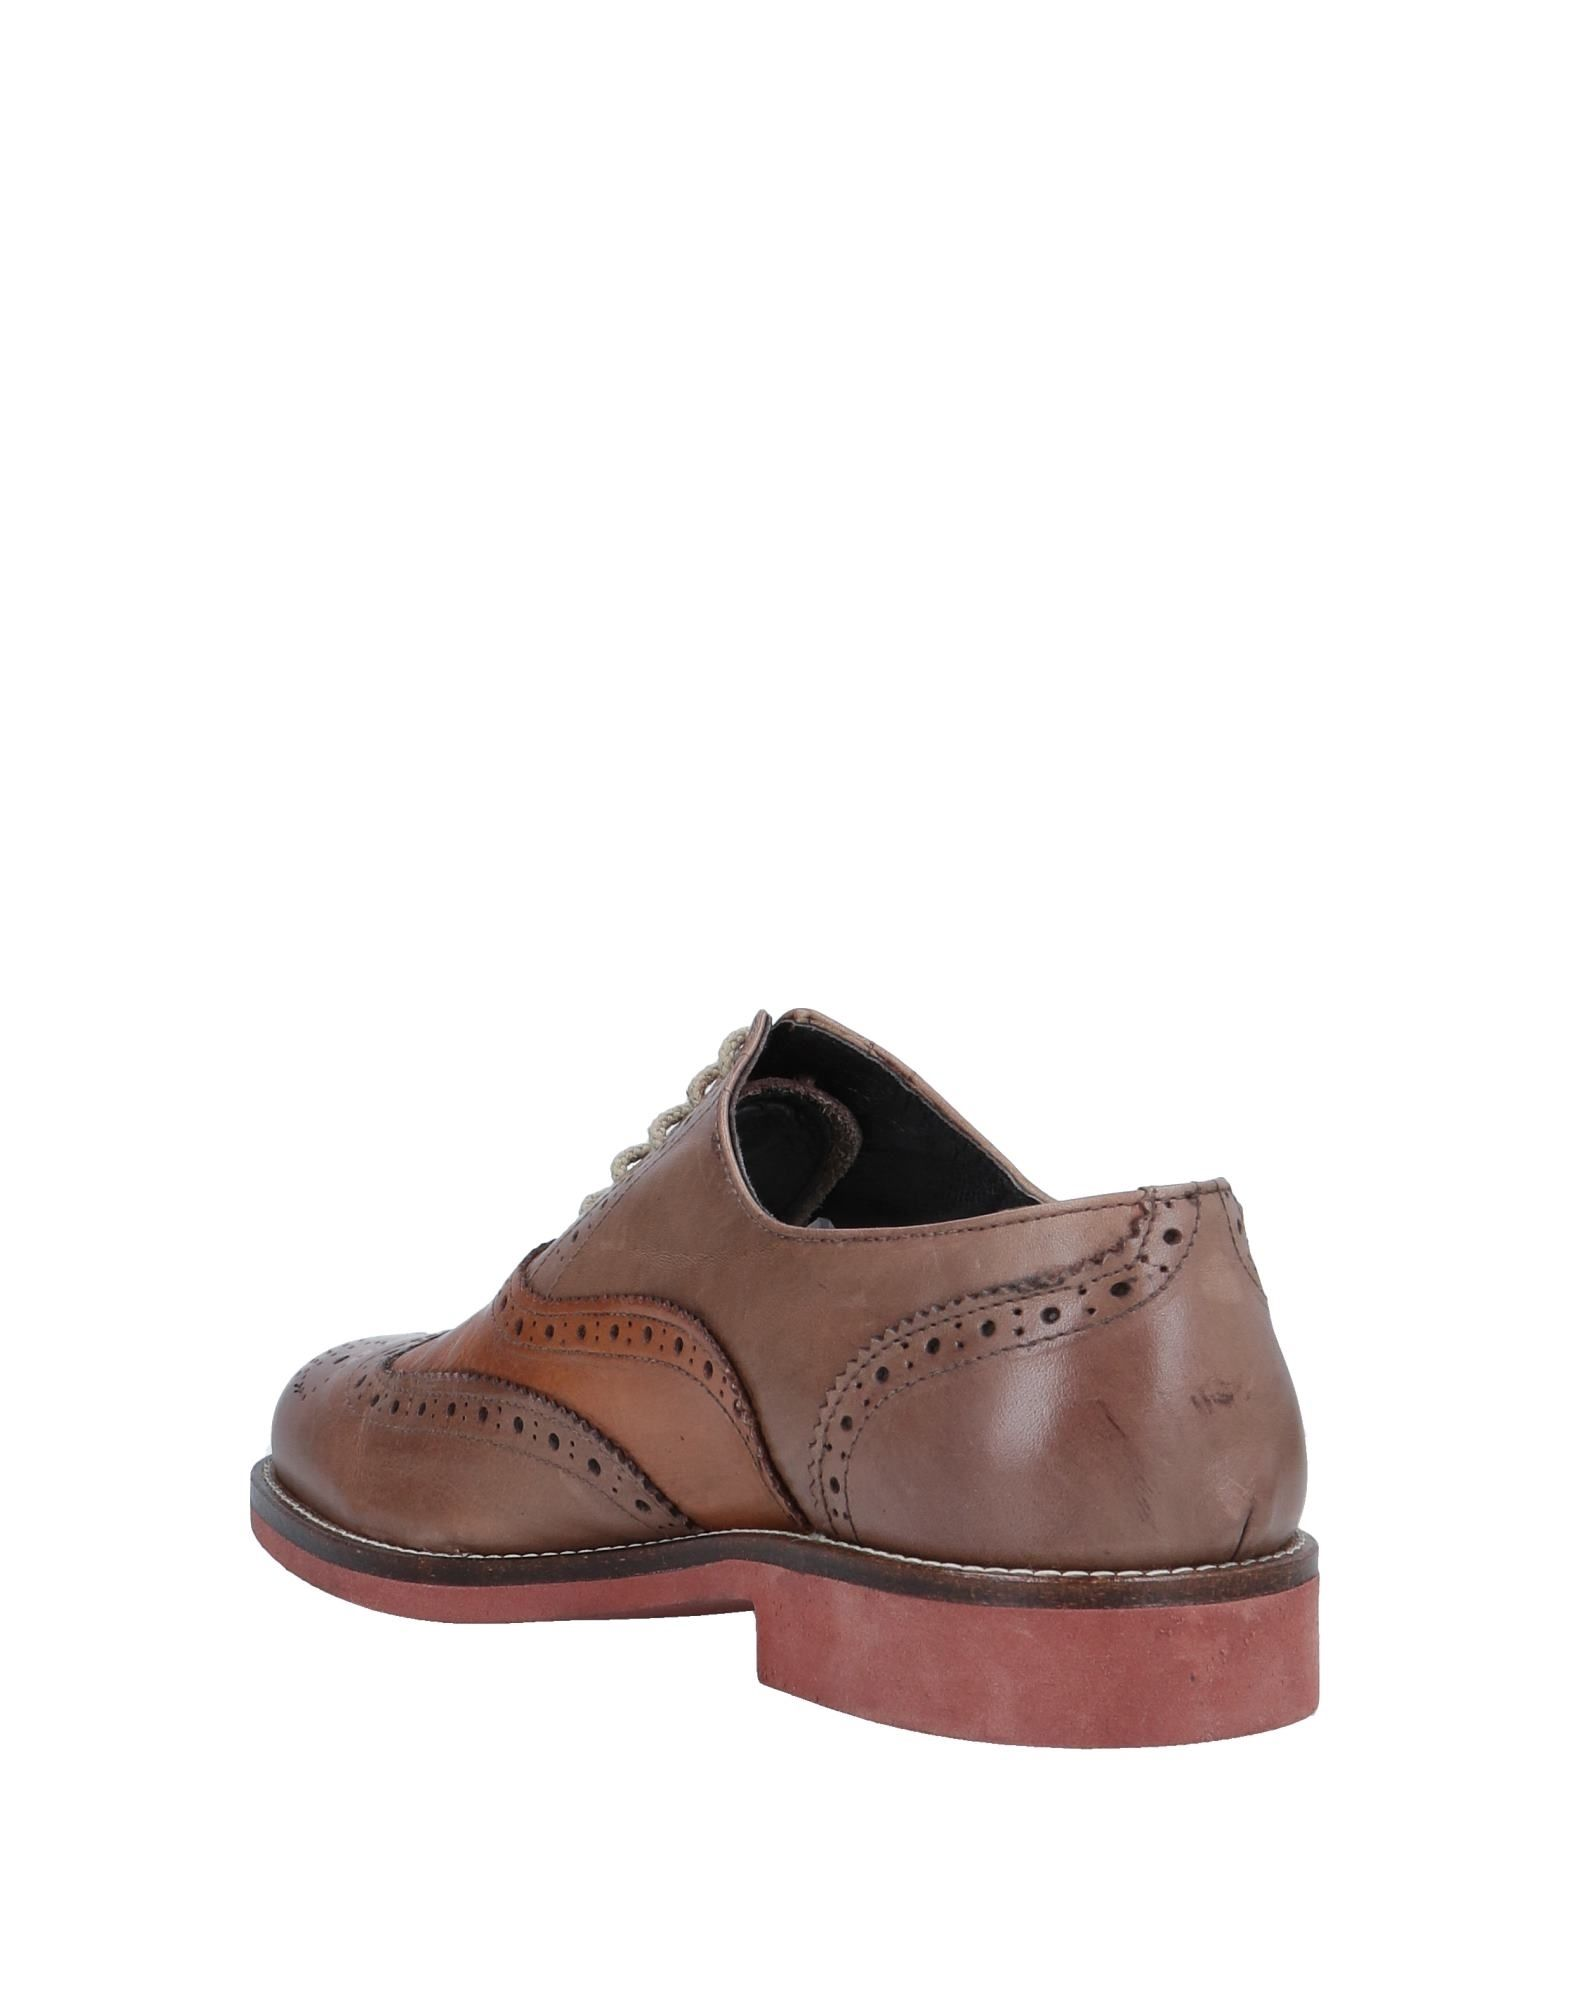 Rabatt Schuhe echte Schuhe Rabatt Brawn's Schnürschuhe Herren  11411371LI 66dfa8